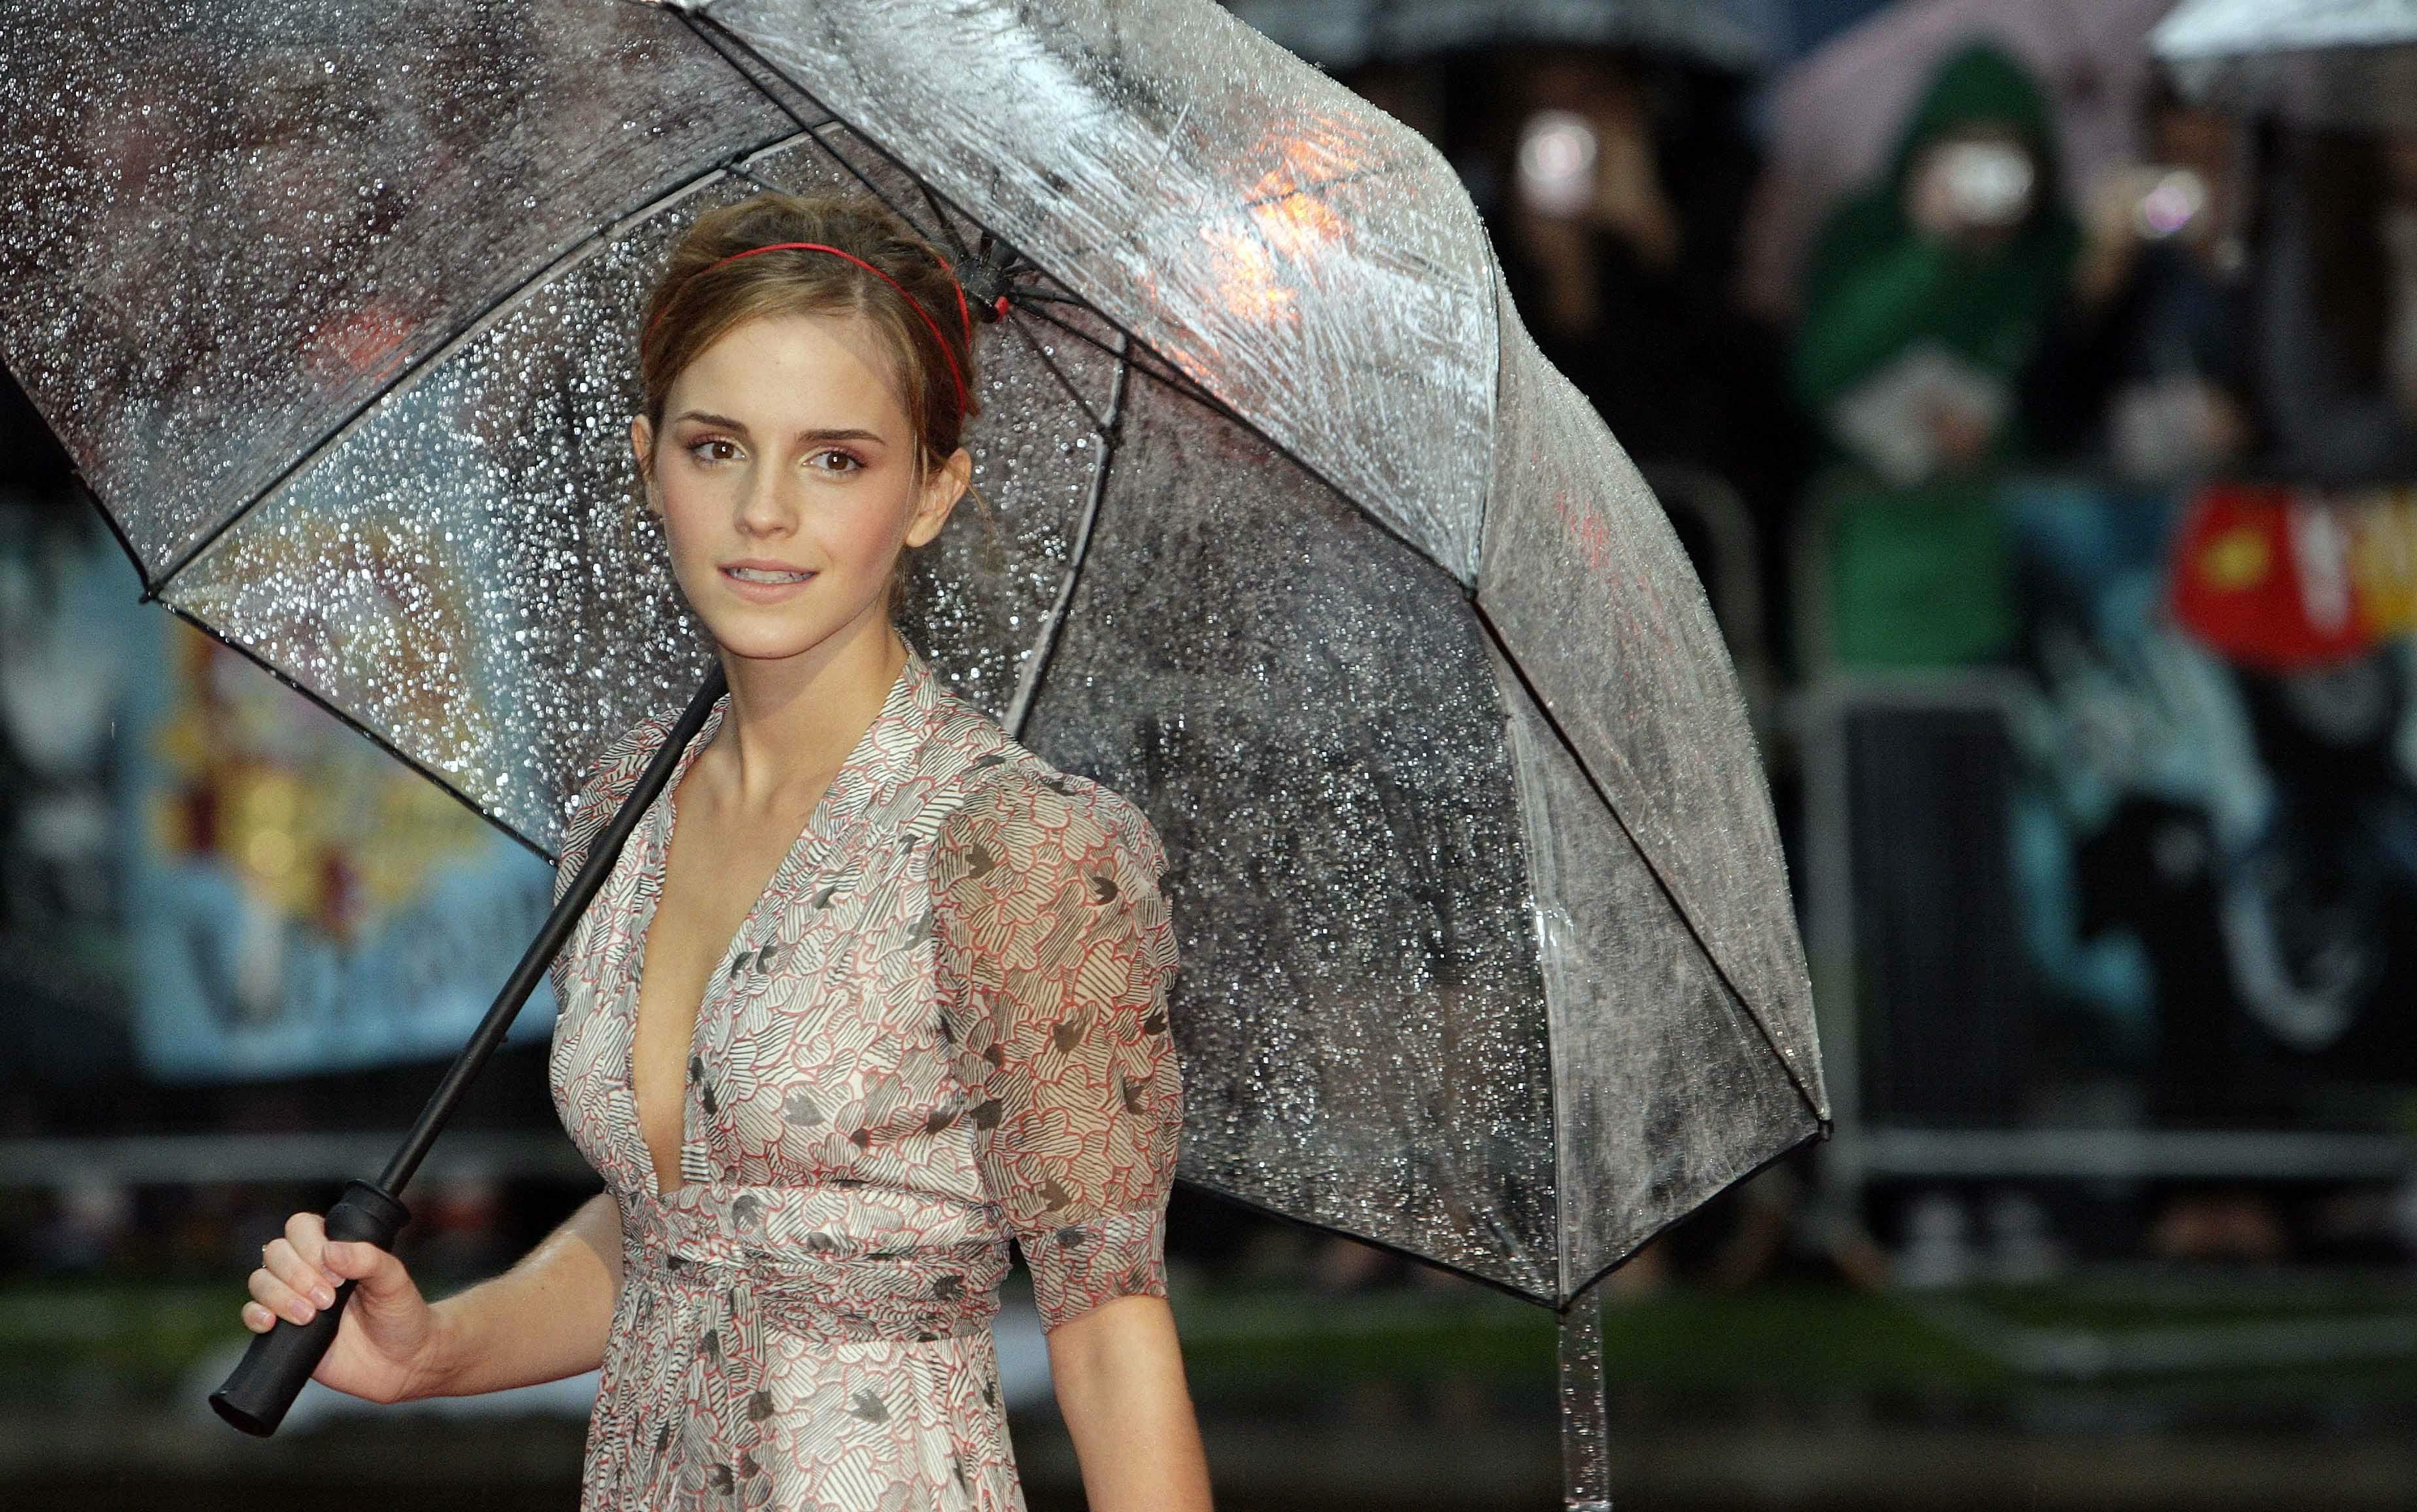 53438_Emma_Watson_HPaTHBP_premiere_in_London04120_122_246lo.jpg